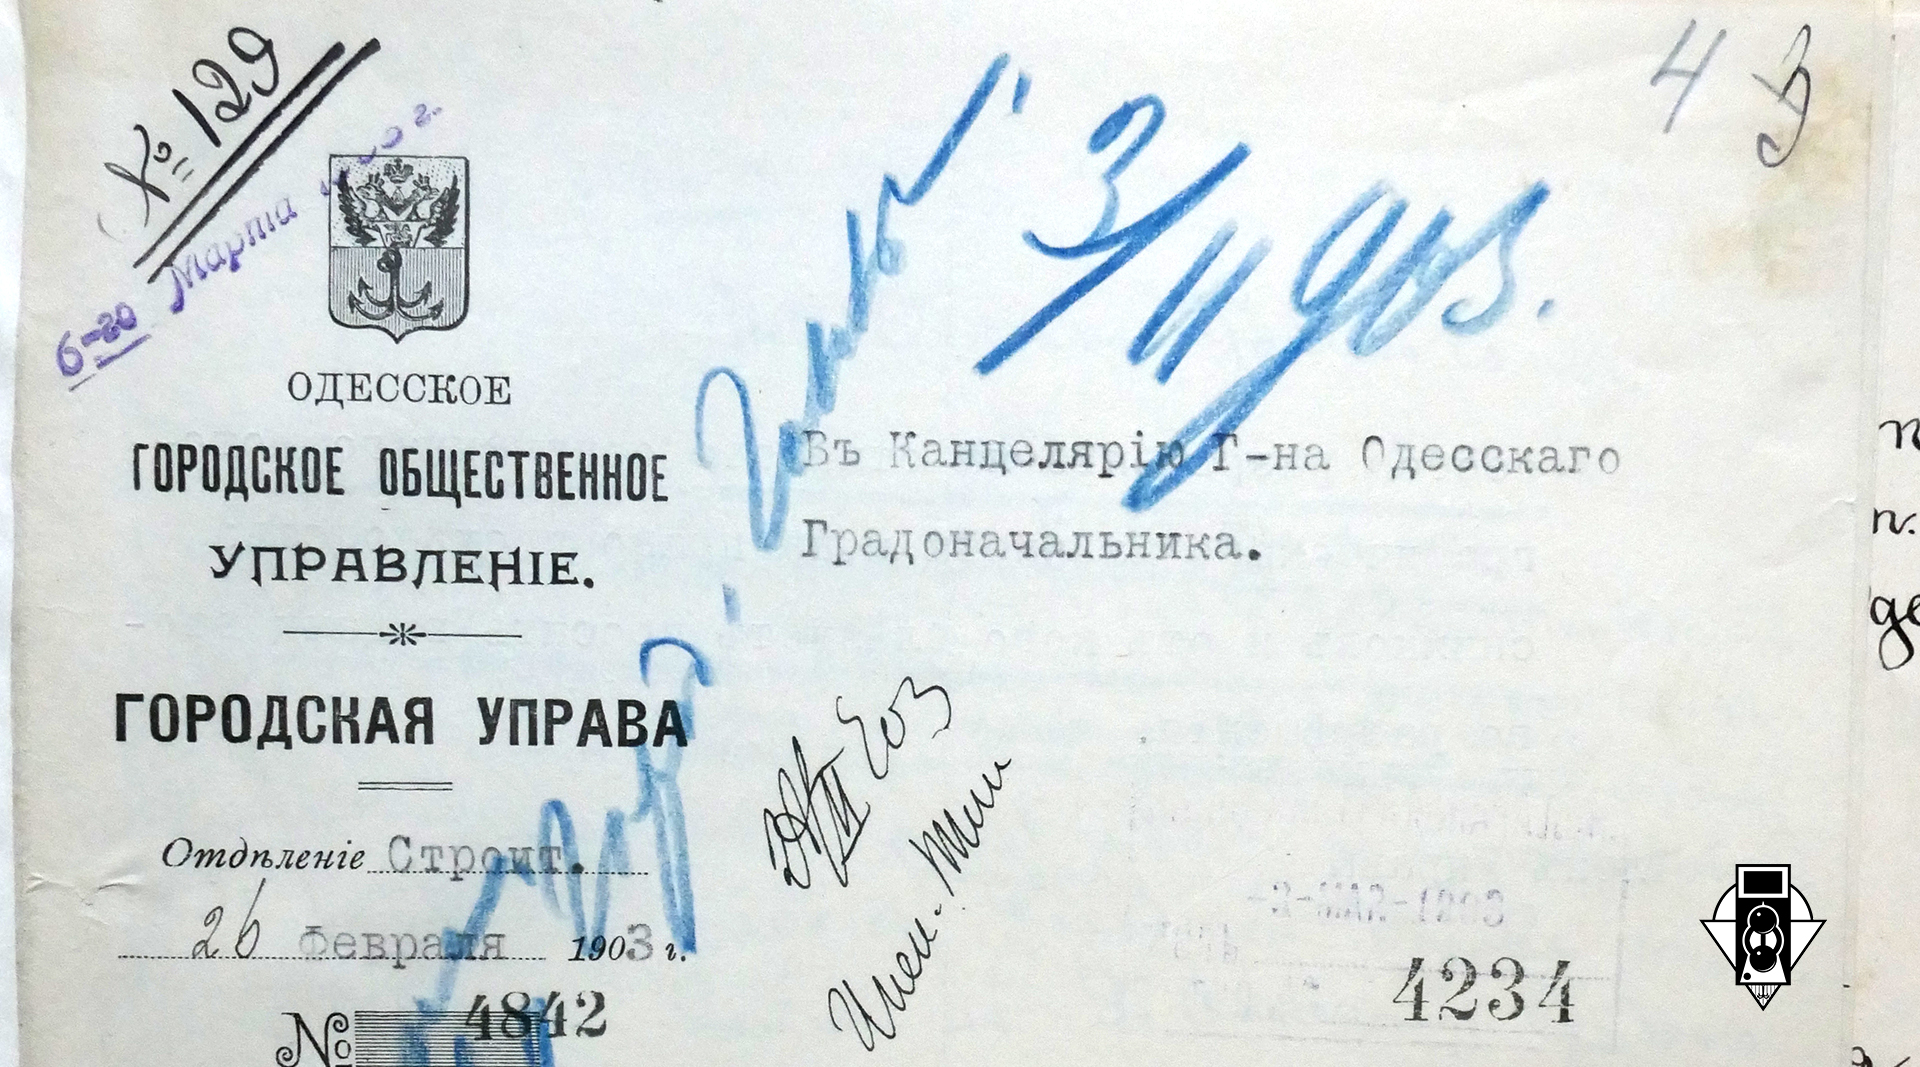 Из одесского архива об открытии нового фотографического кабинета. 1903 г.